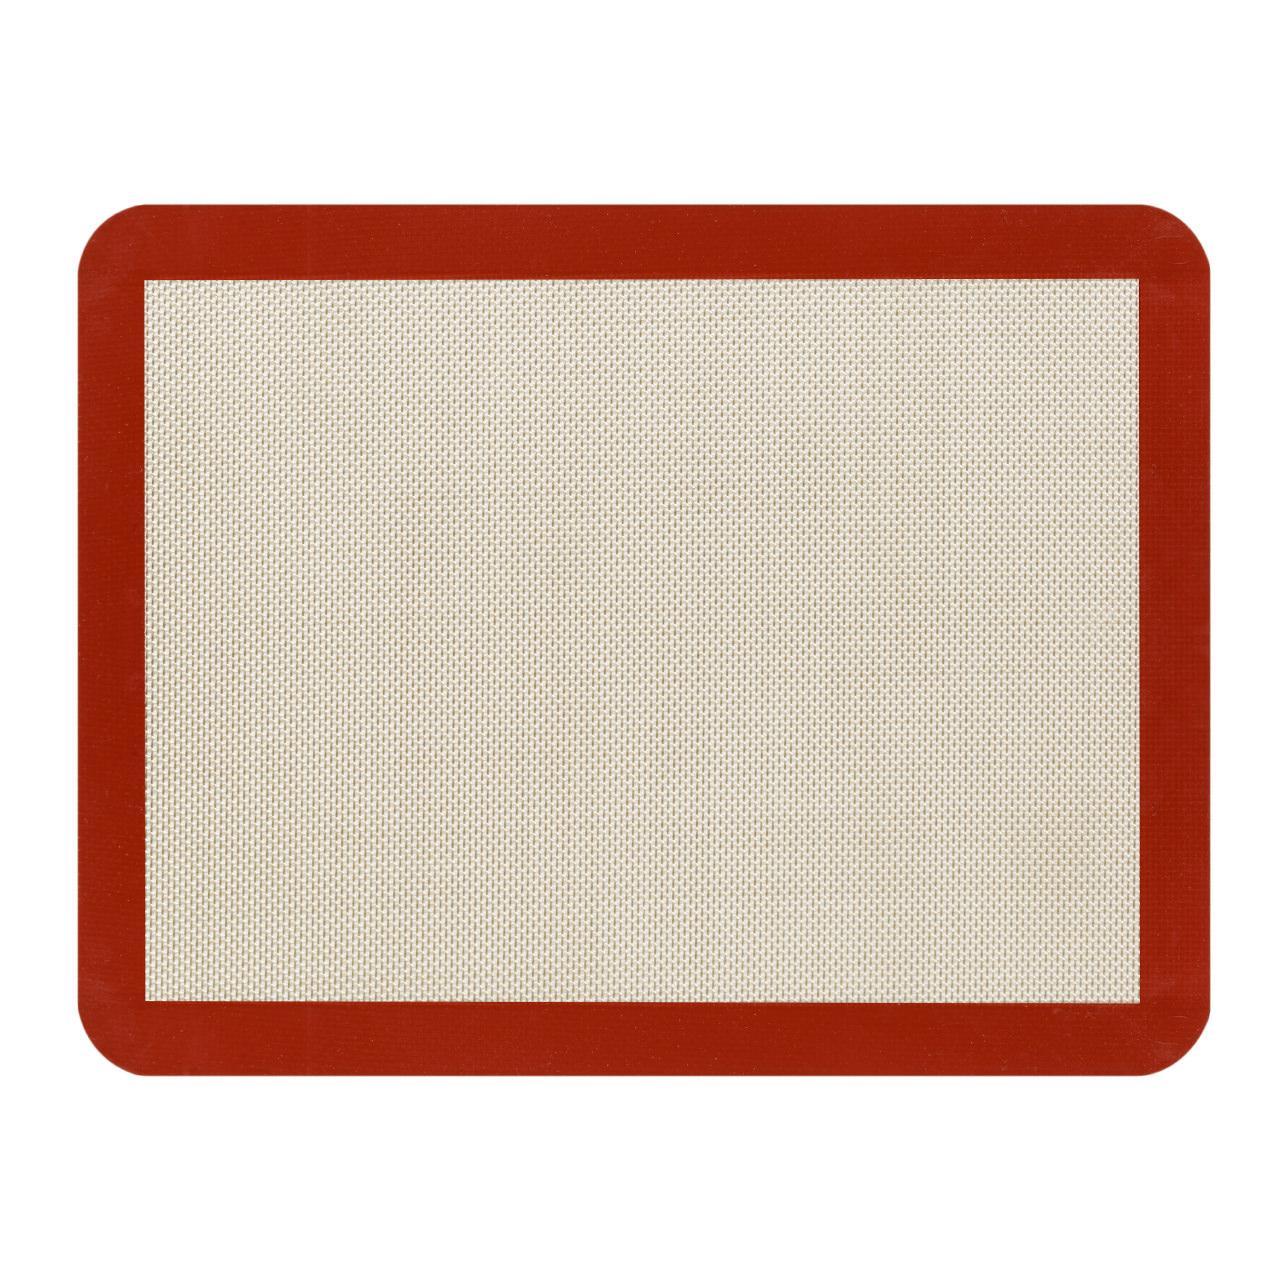 Силиконовый коврик 60х80 см для карамели и мастики